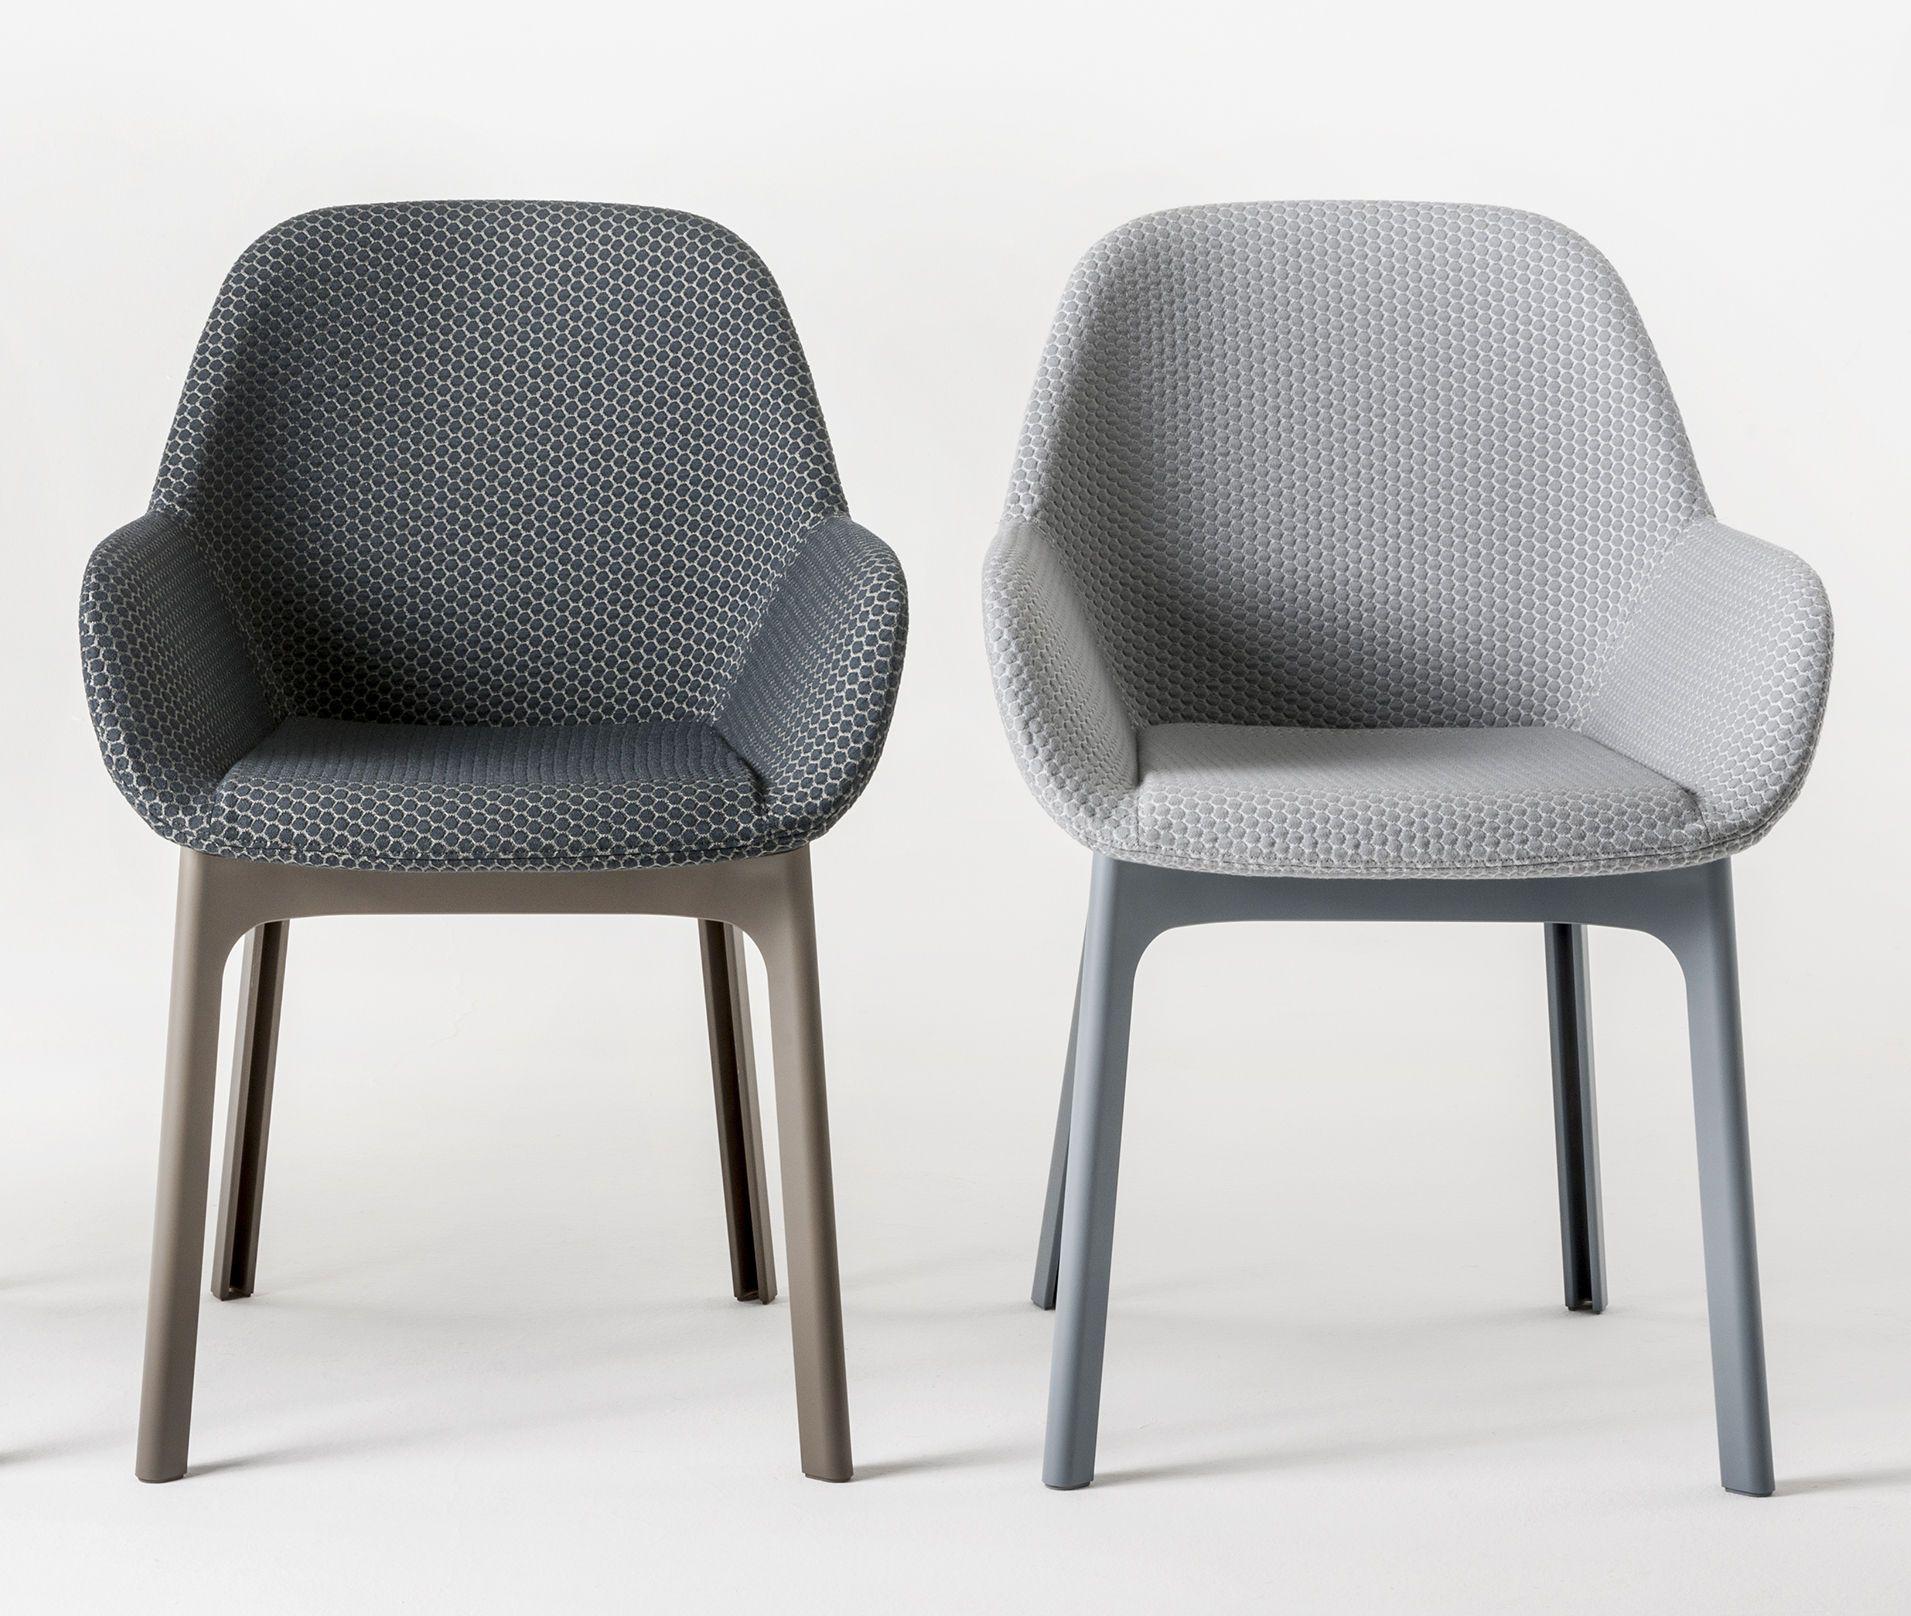 Fauteuil Rembourre Clap Kartell Noir Beige Made In Design Mobilier Design Petit Fauteuil Mobilier